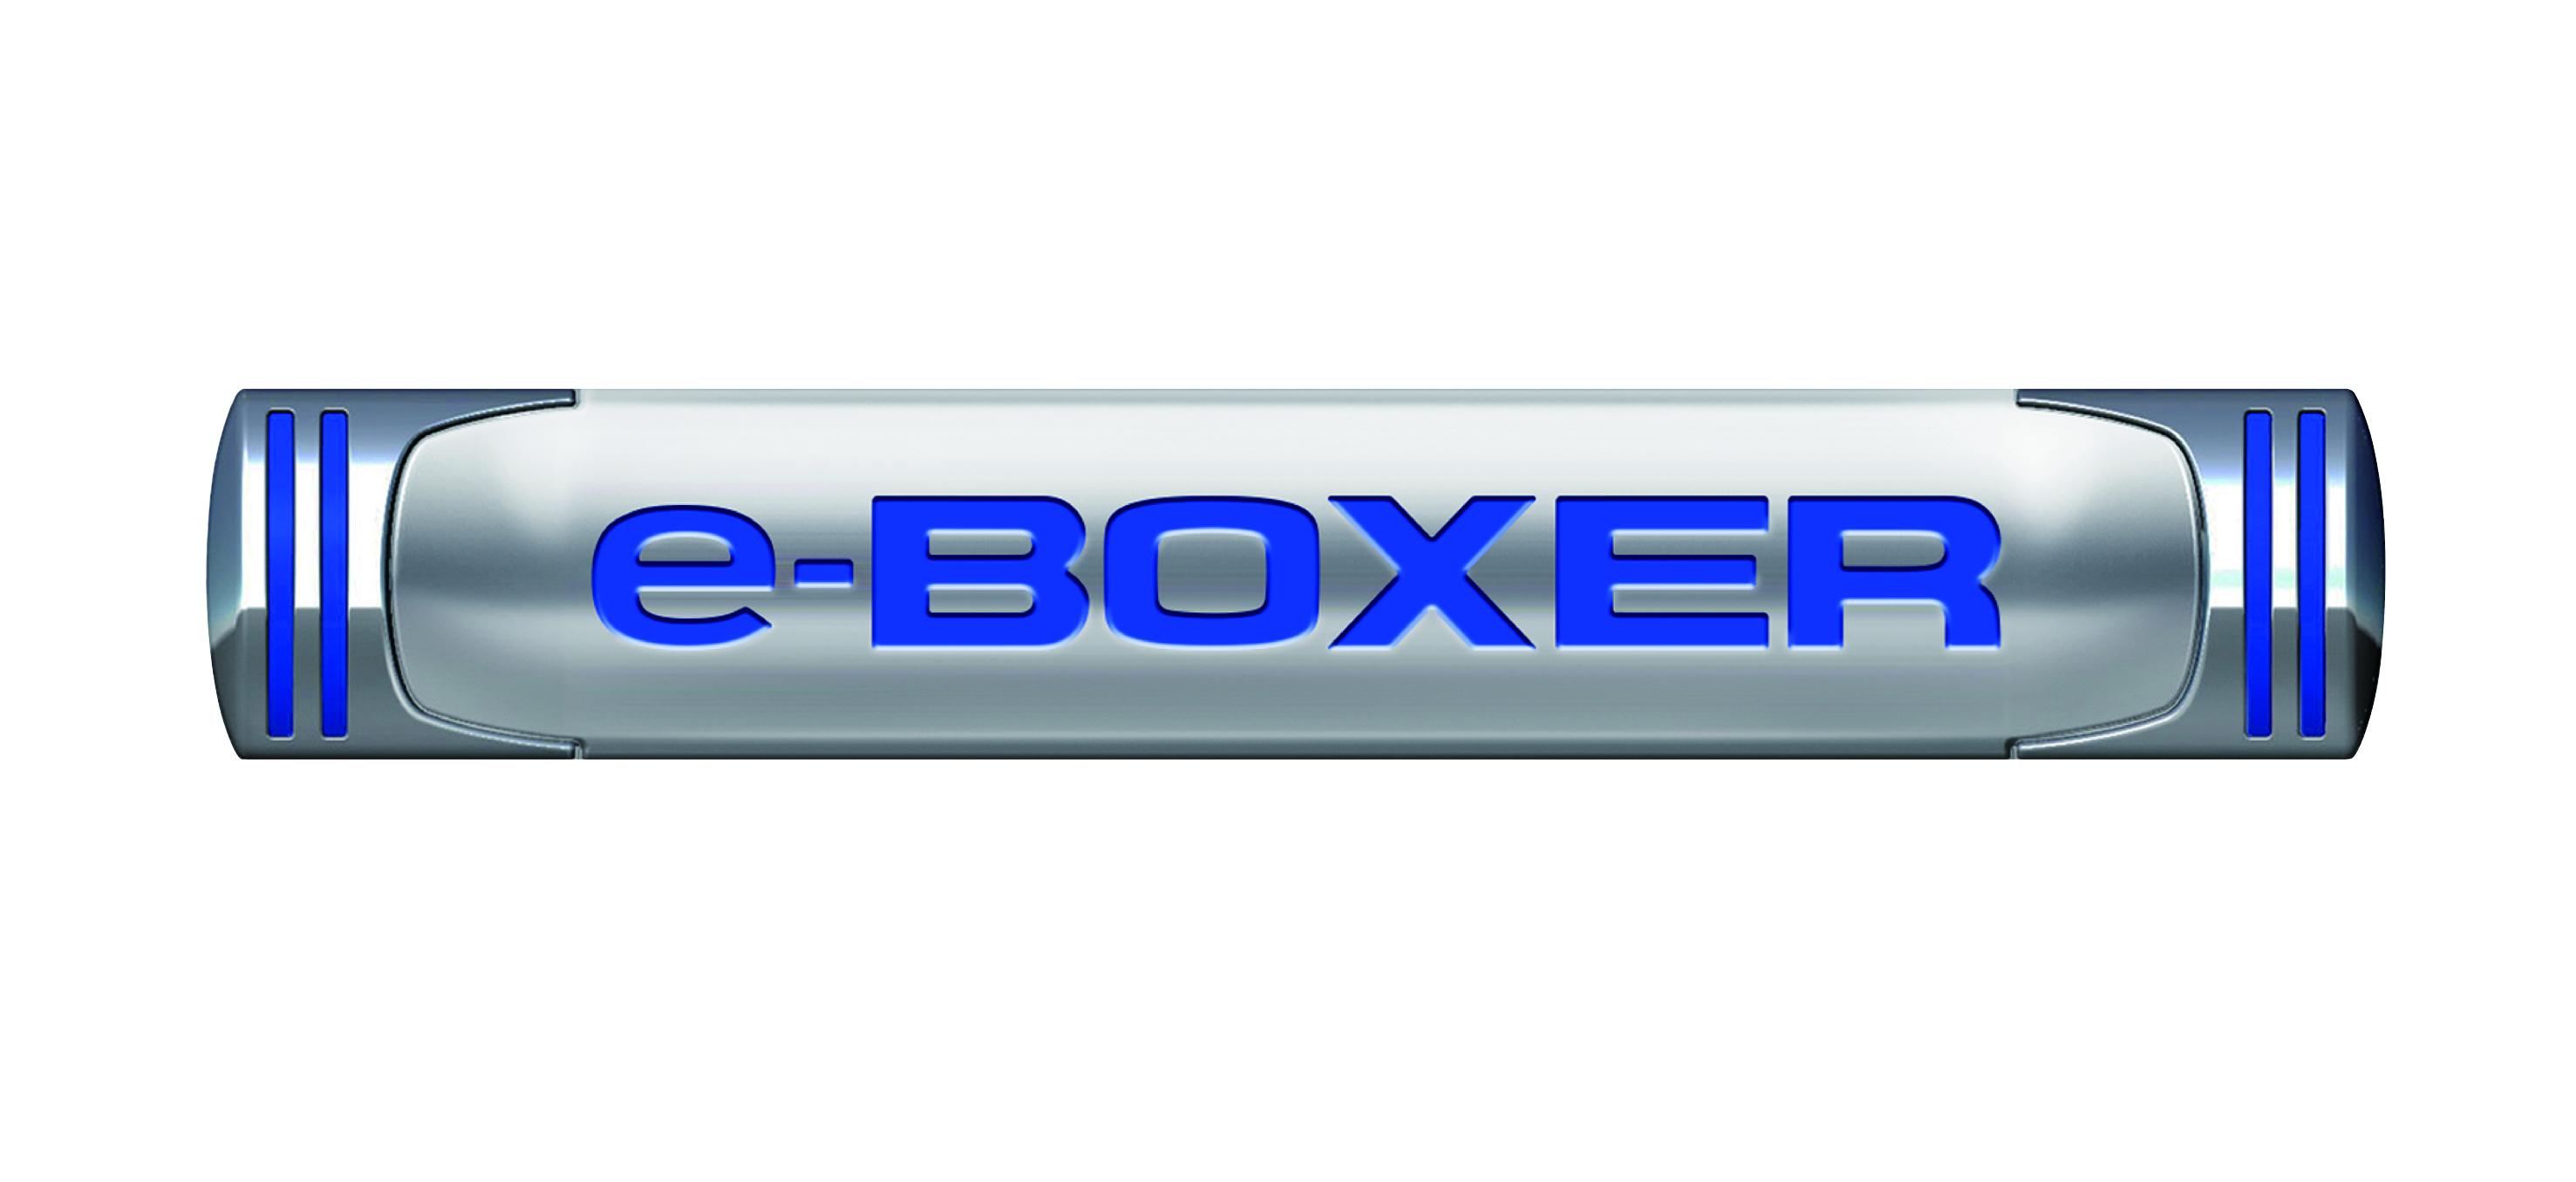 e-BOXER 1